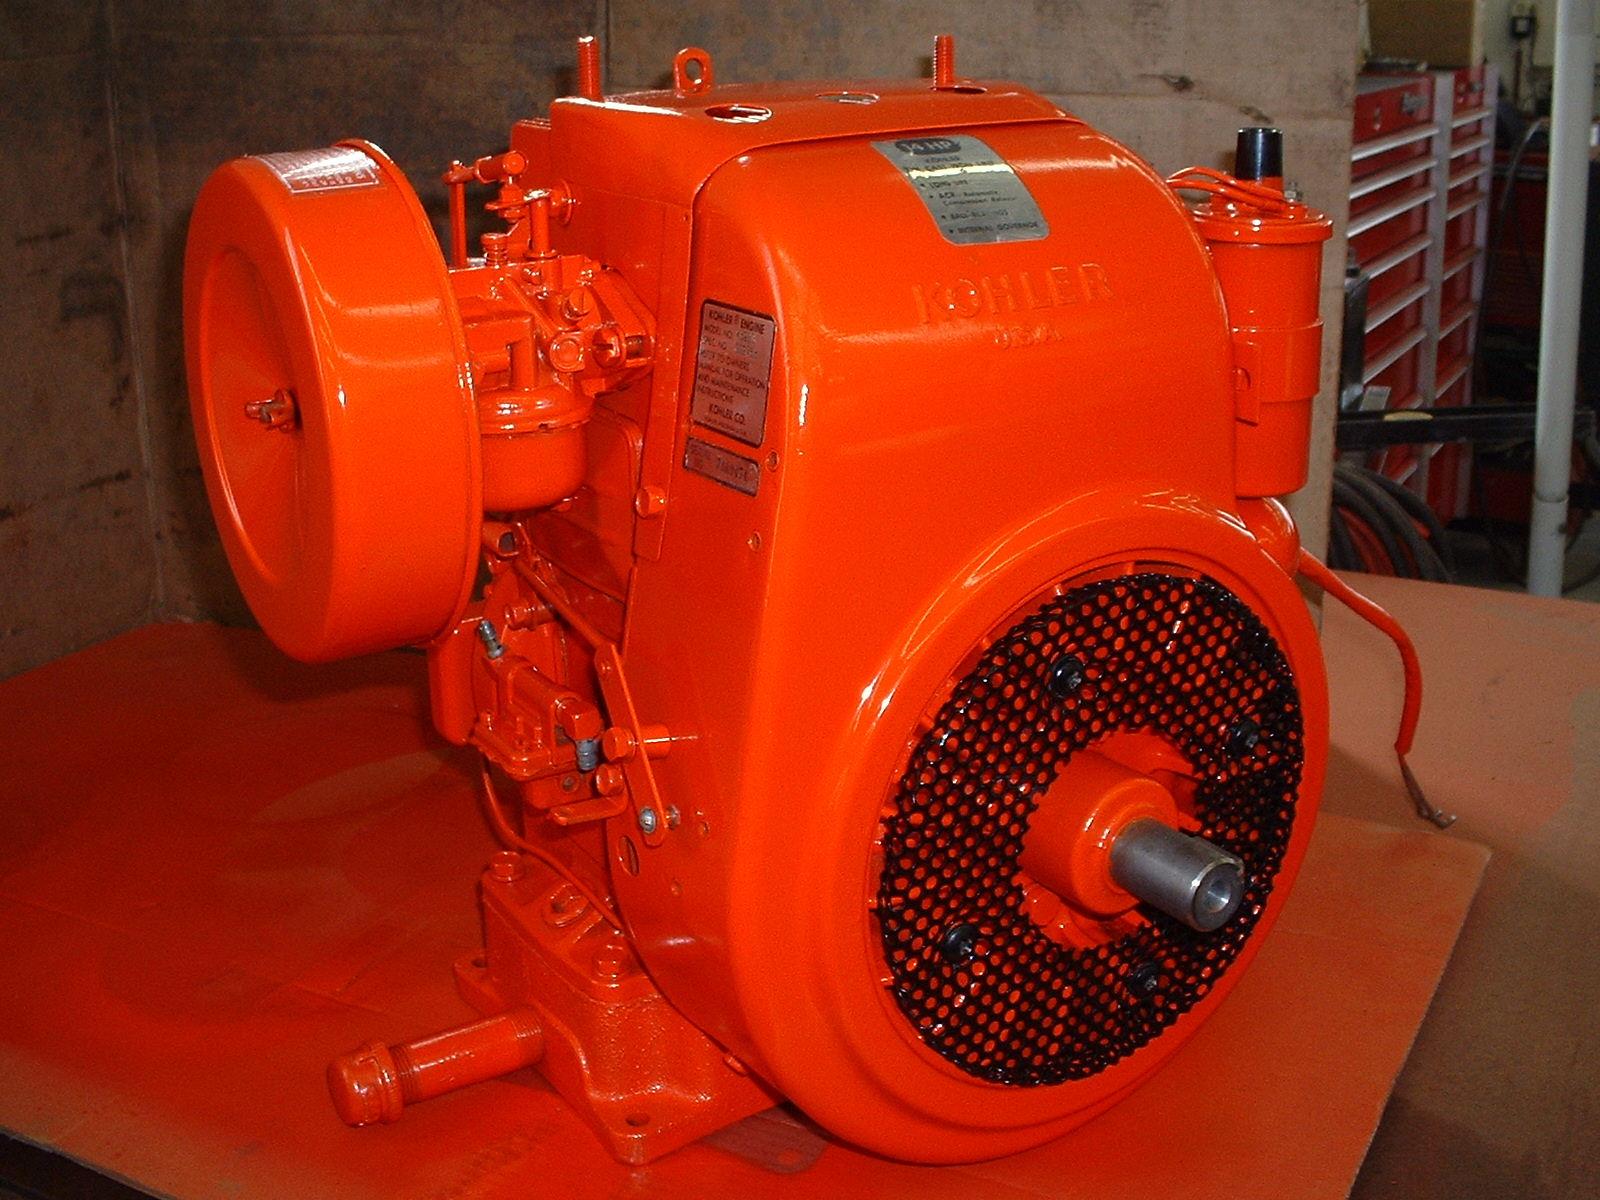 Kohler K321 Engine Diagram S K Rebuild After Full Reconditioning 1600x1200